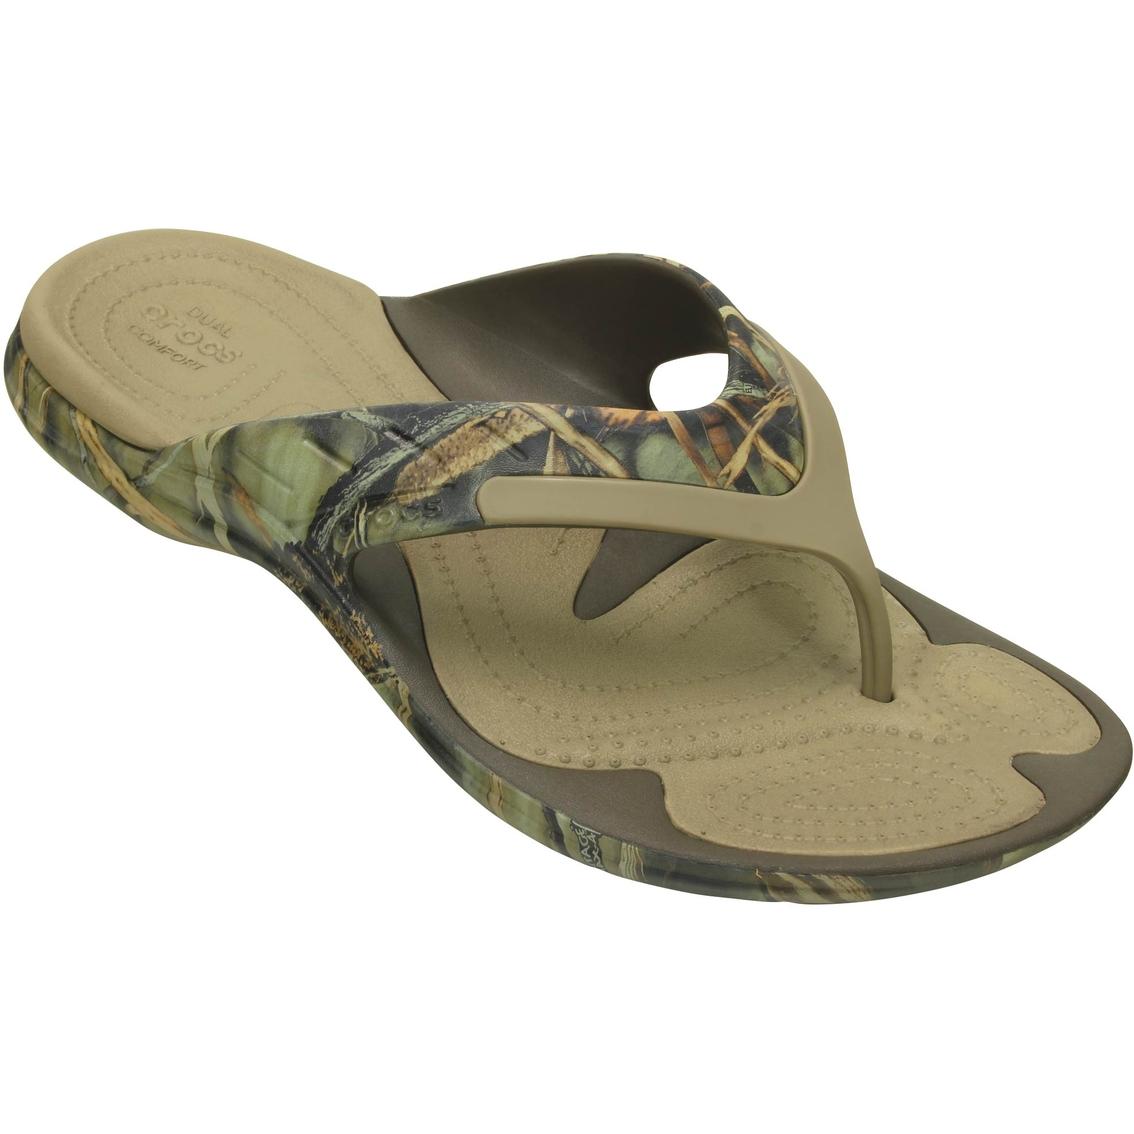 Crocs Men S Modi Sport Realtree Max 4 Flip Flop Sandals